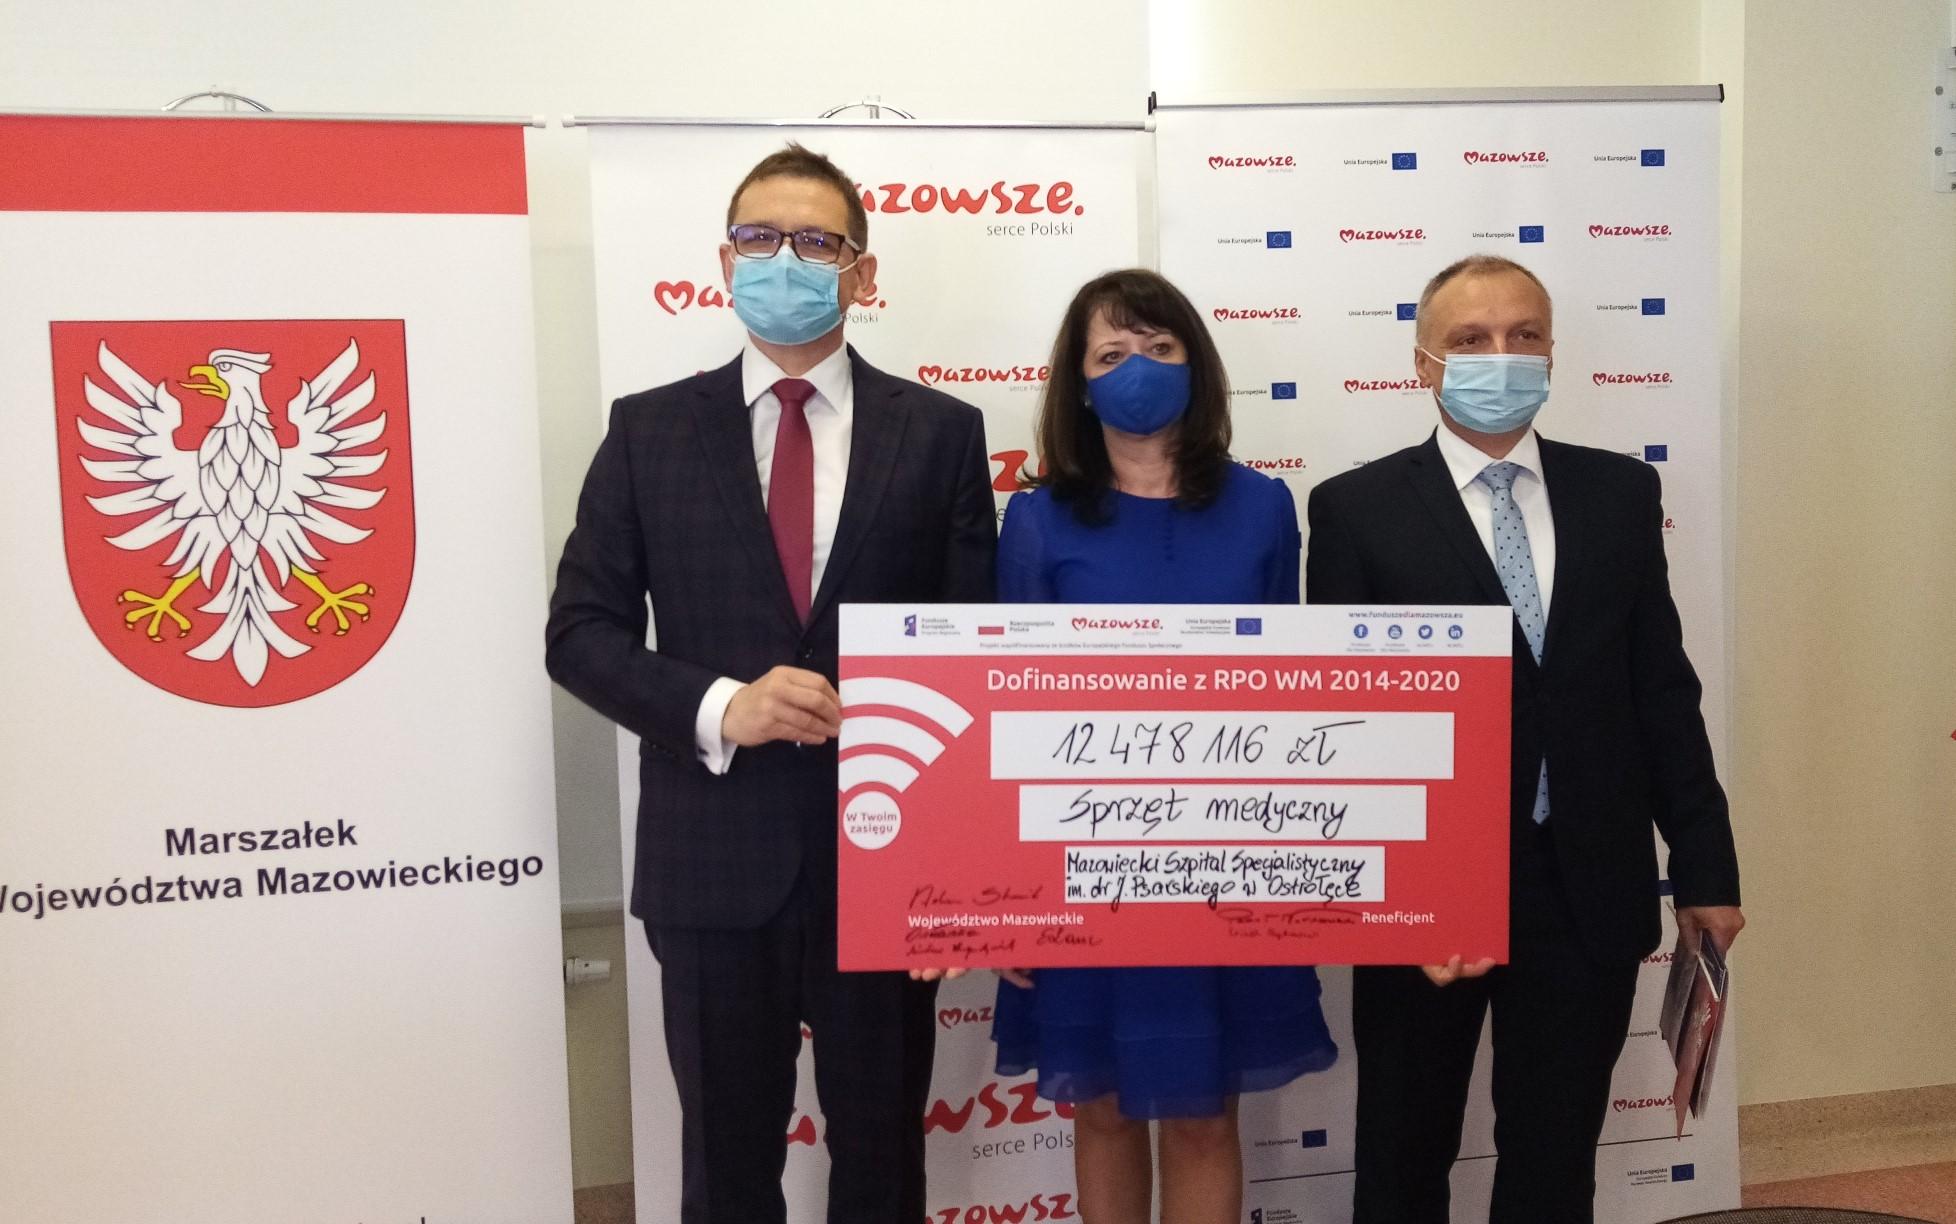 Dofinansowanie dla szpitala